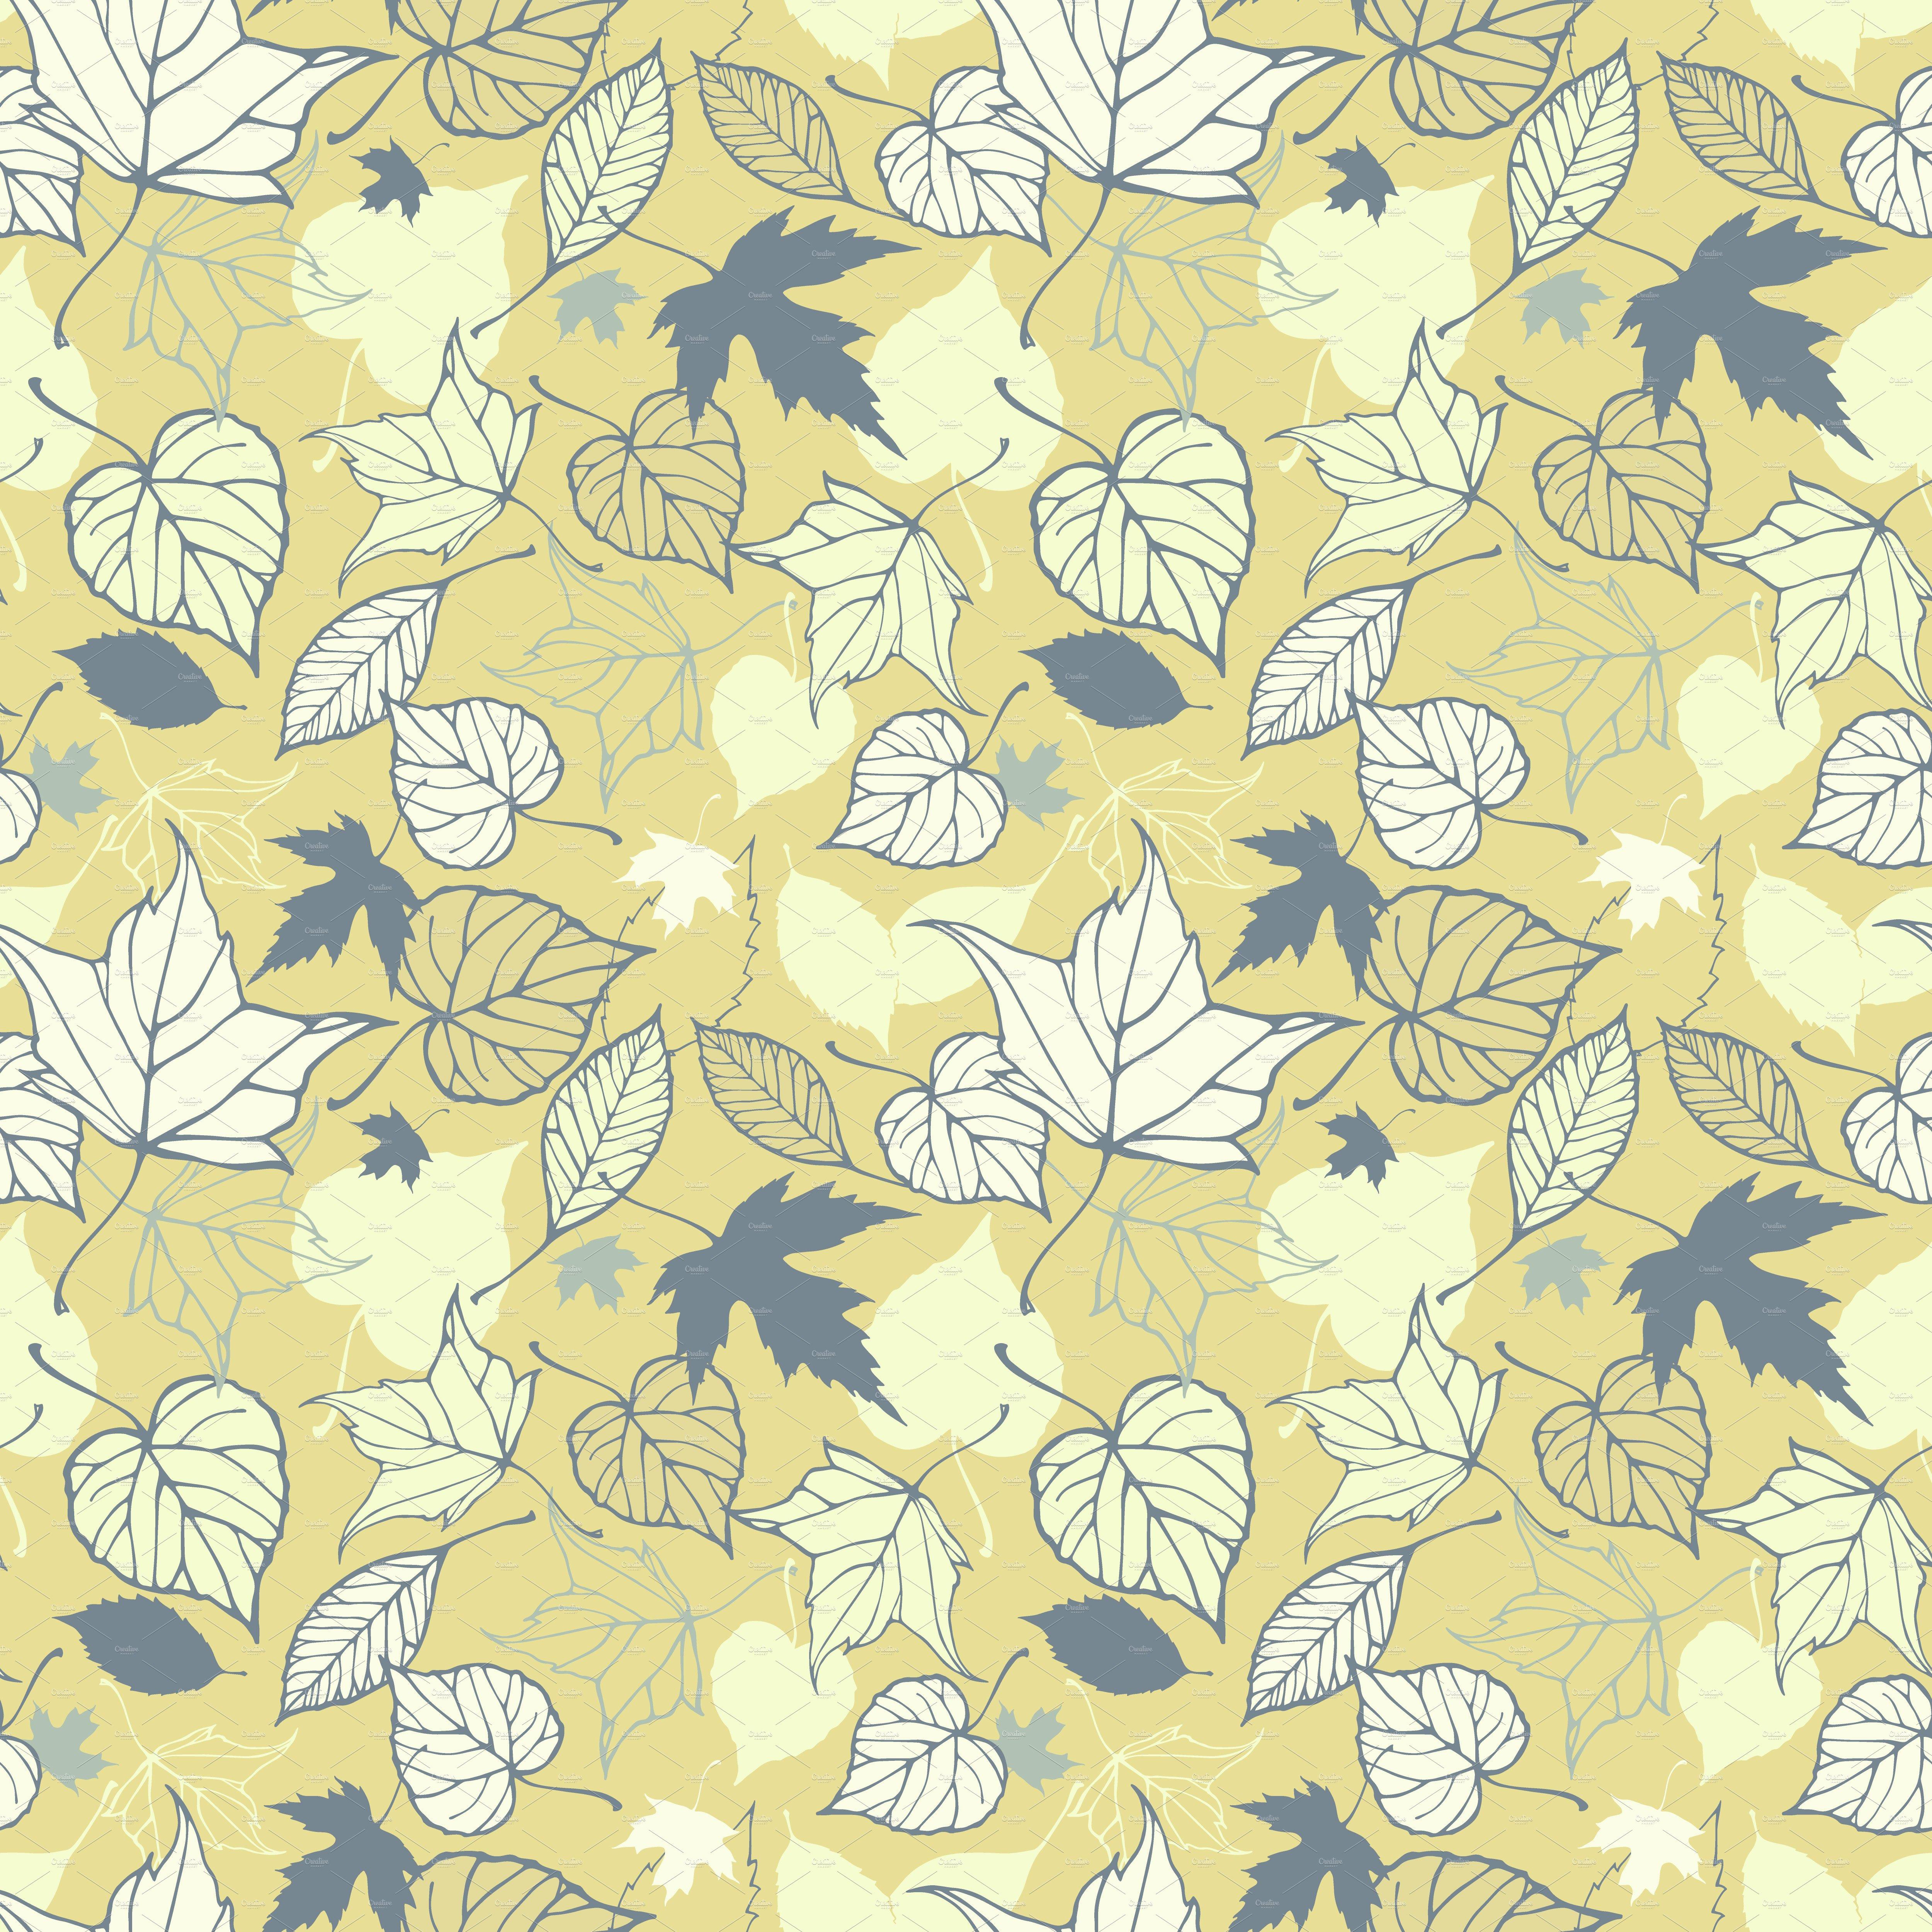 leafpattern62 7